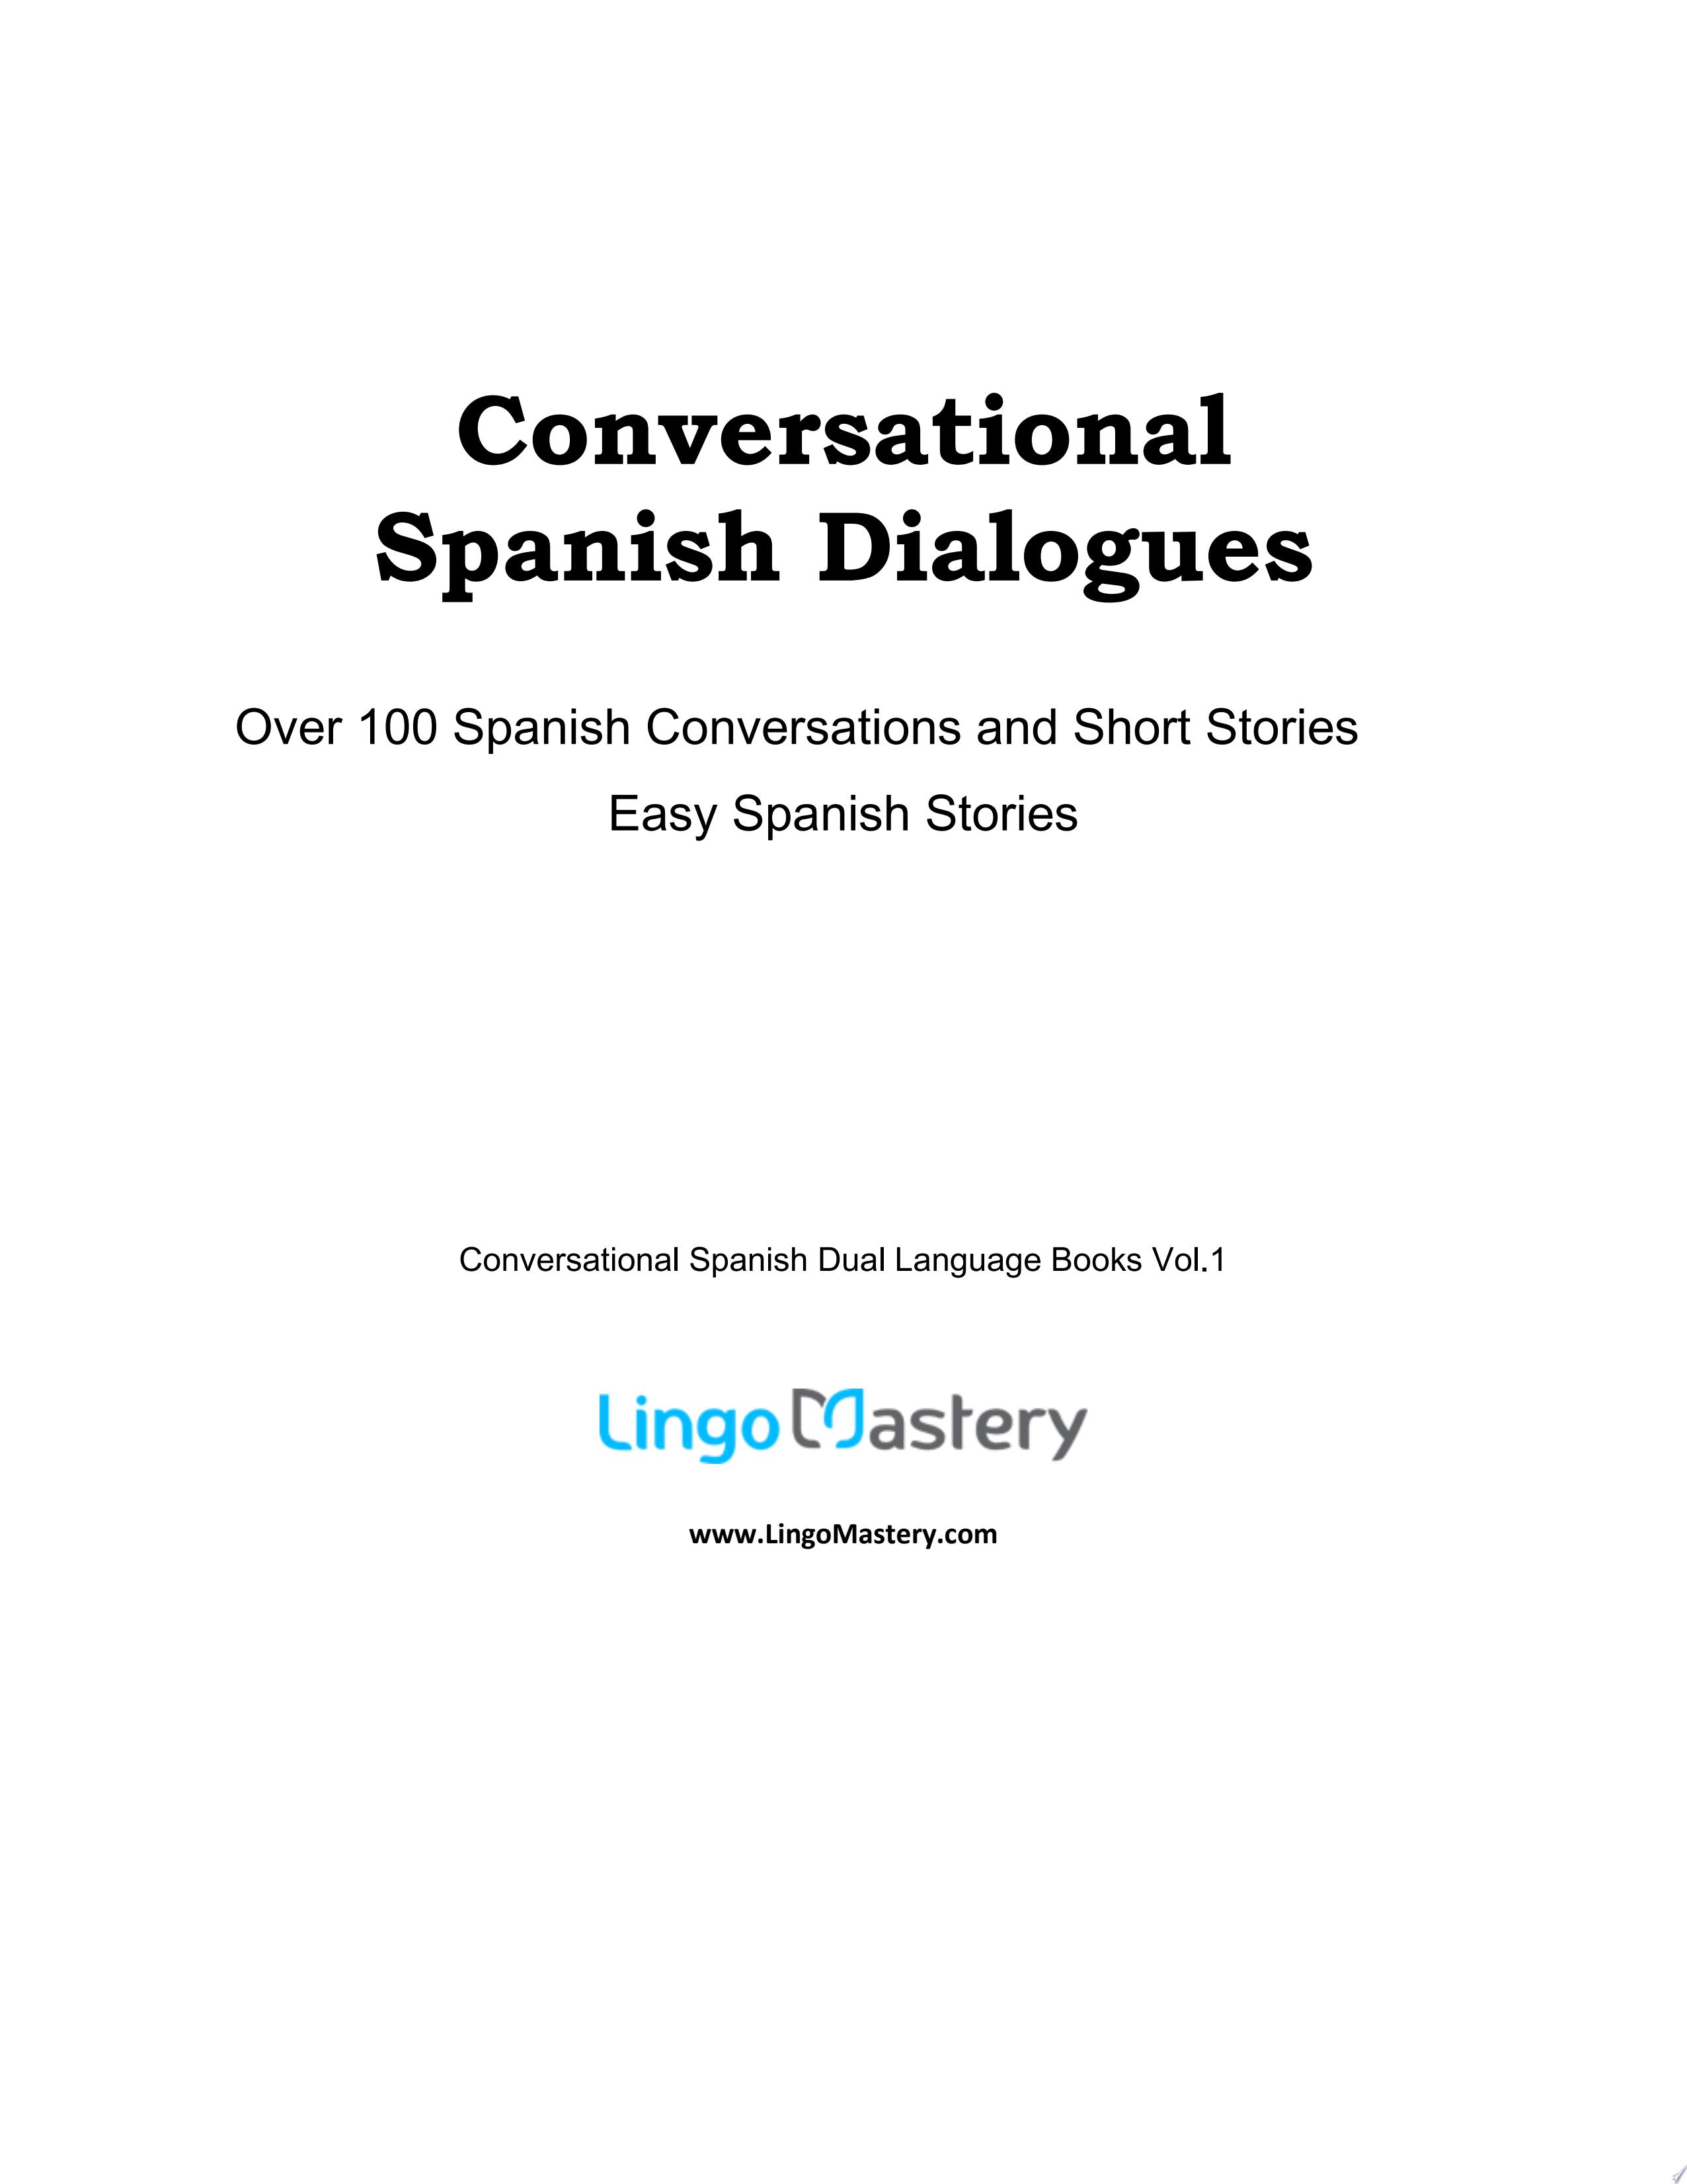 Conversational Spanish Dialogues